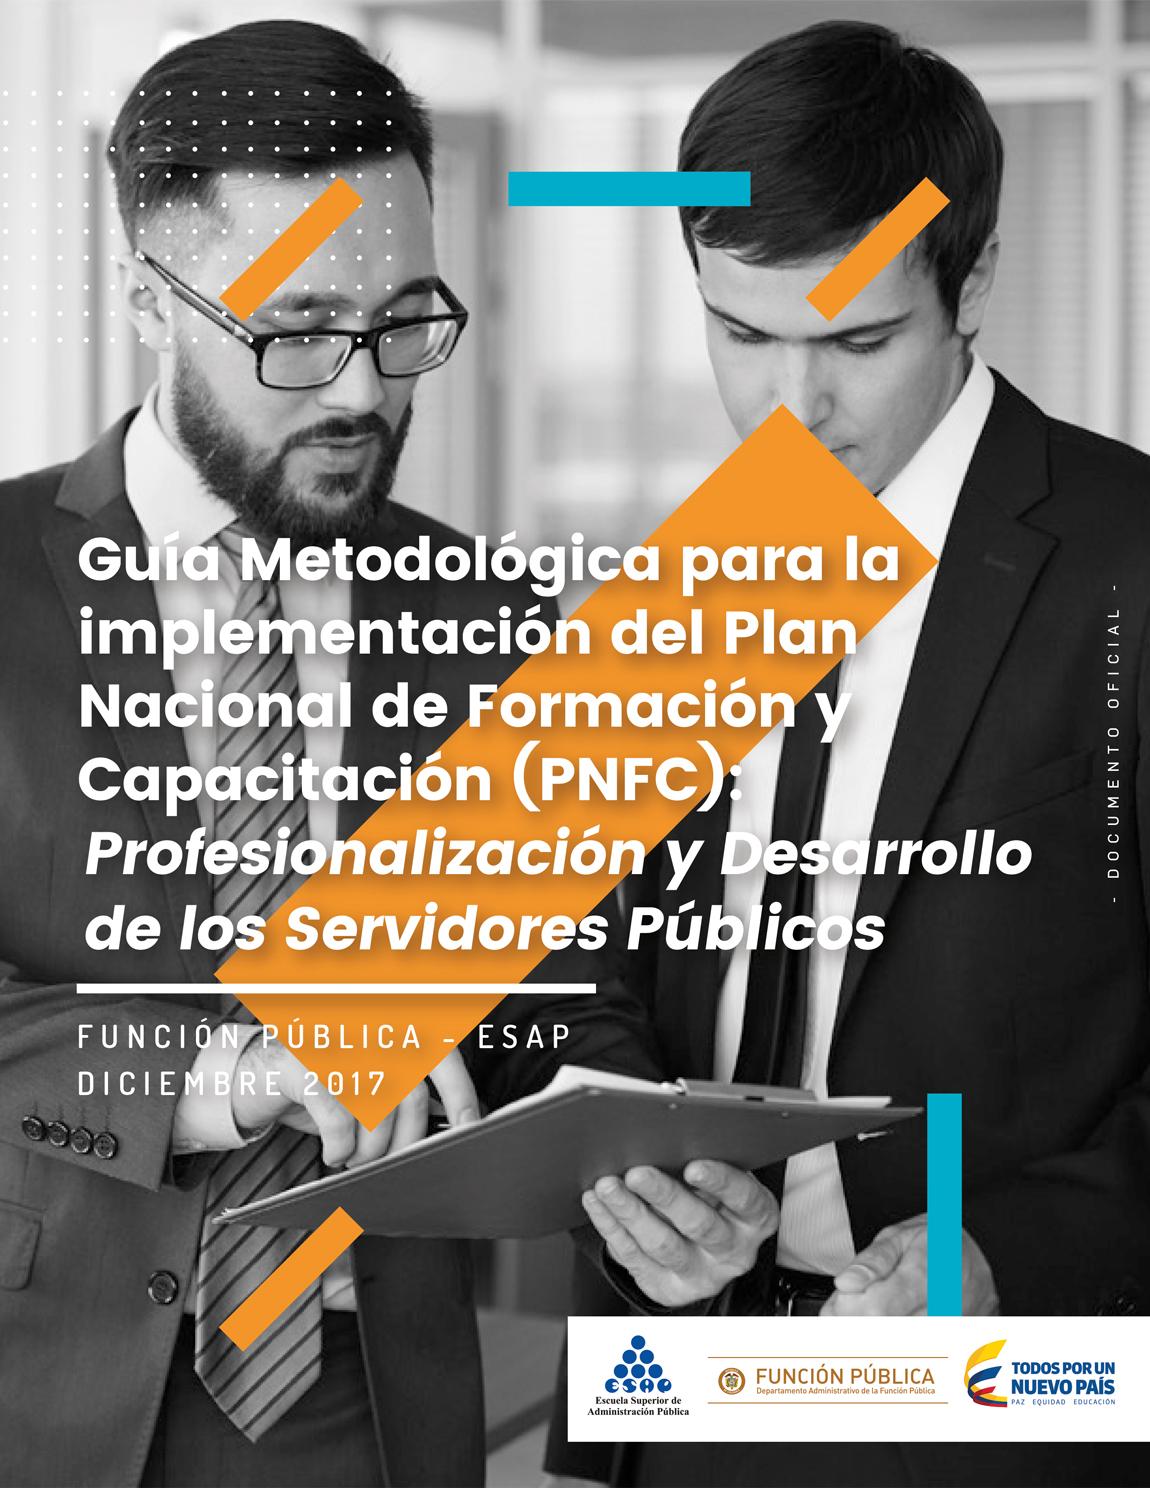 Guía Metodológica para la implementación del Plan Nacional de Formación y Capacitación (PNFC): Profesionalización y Desarrollo de los Servidores Públicos